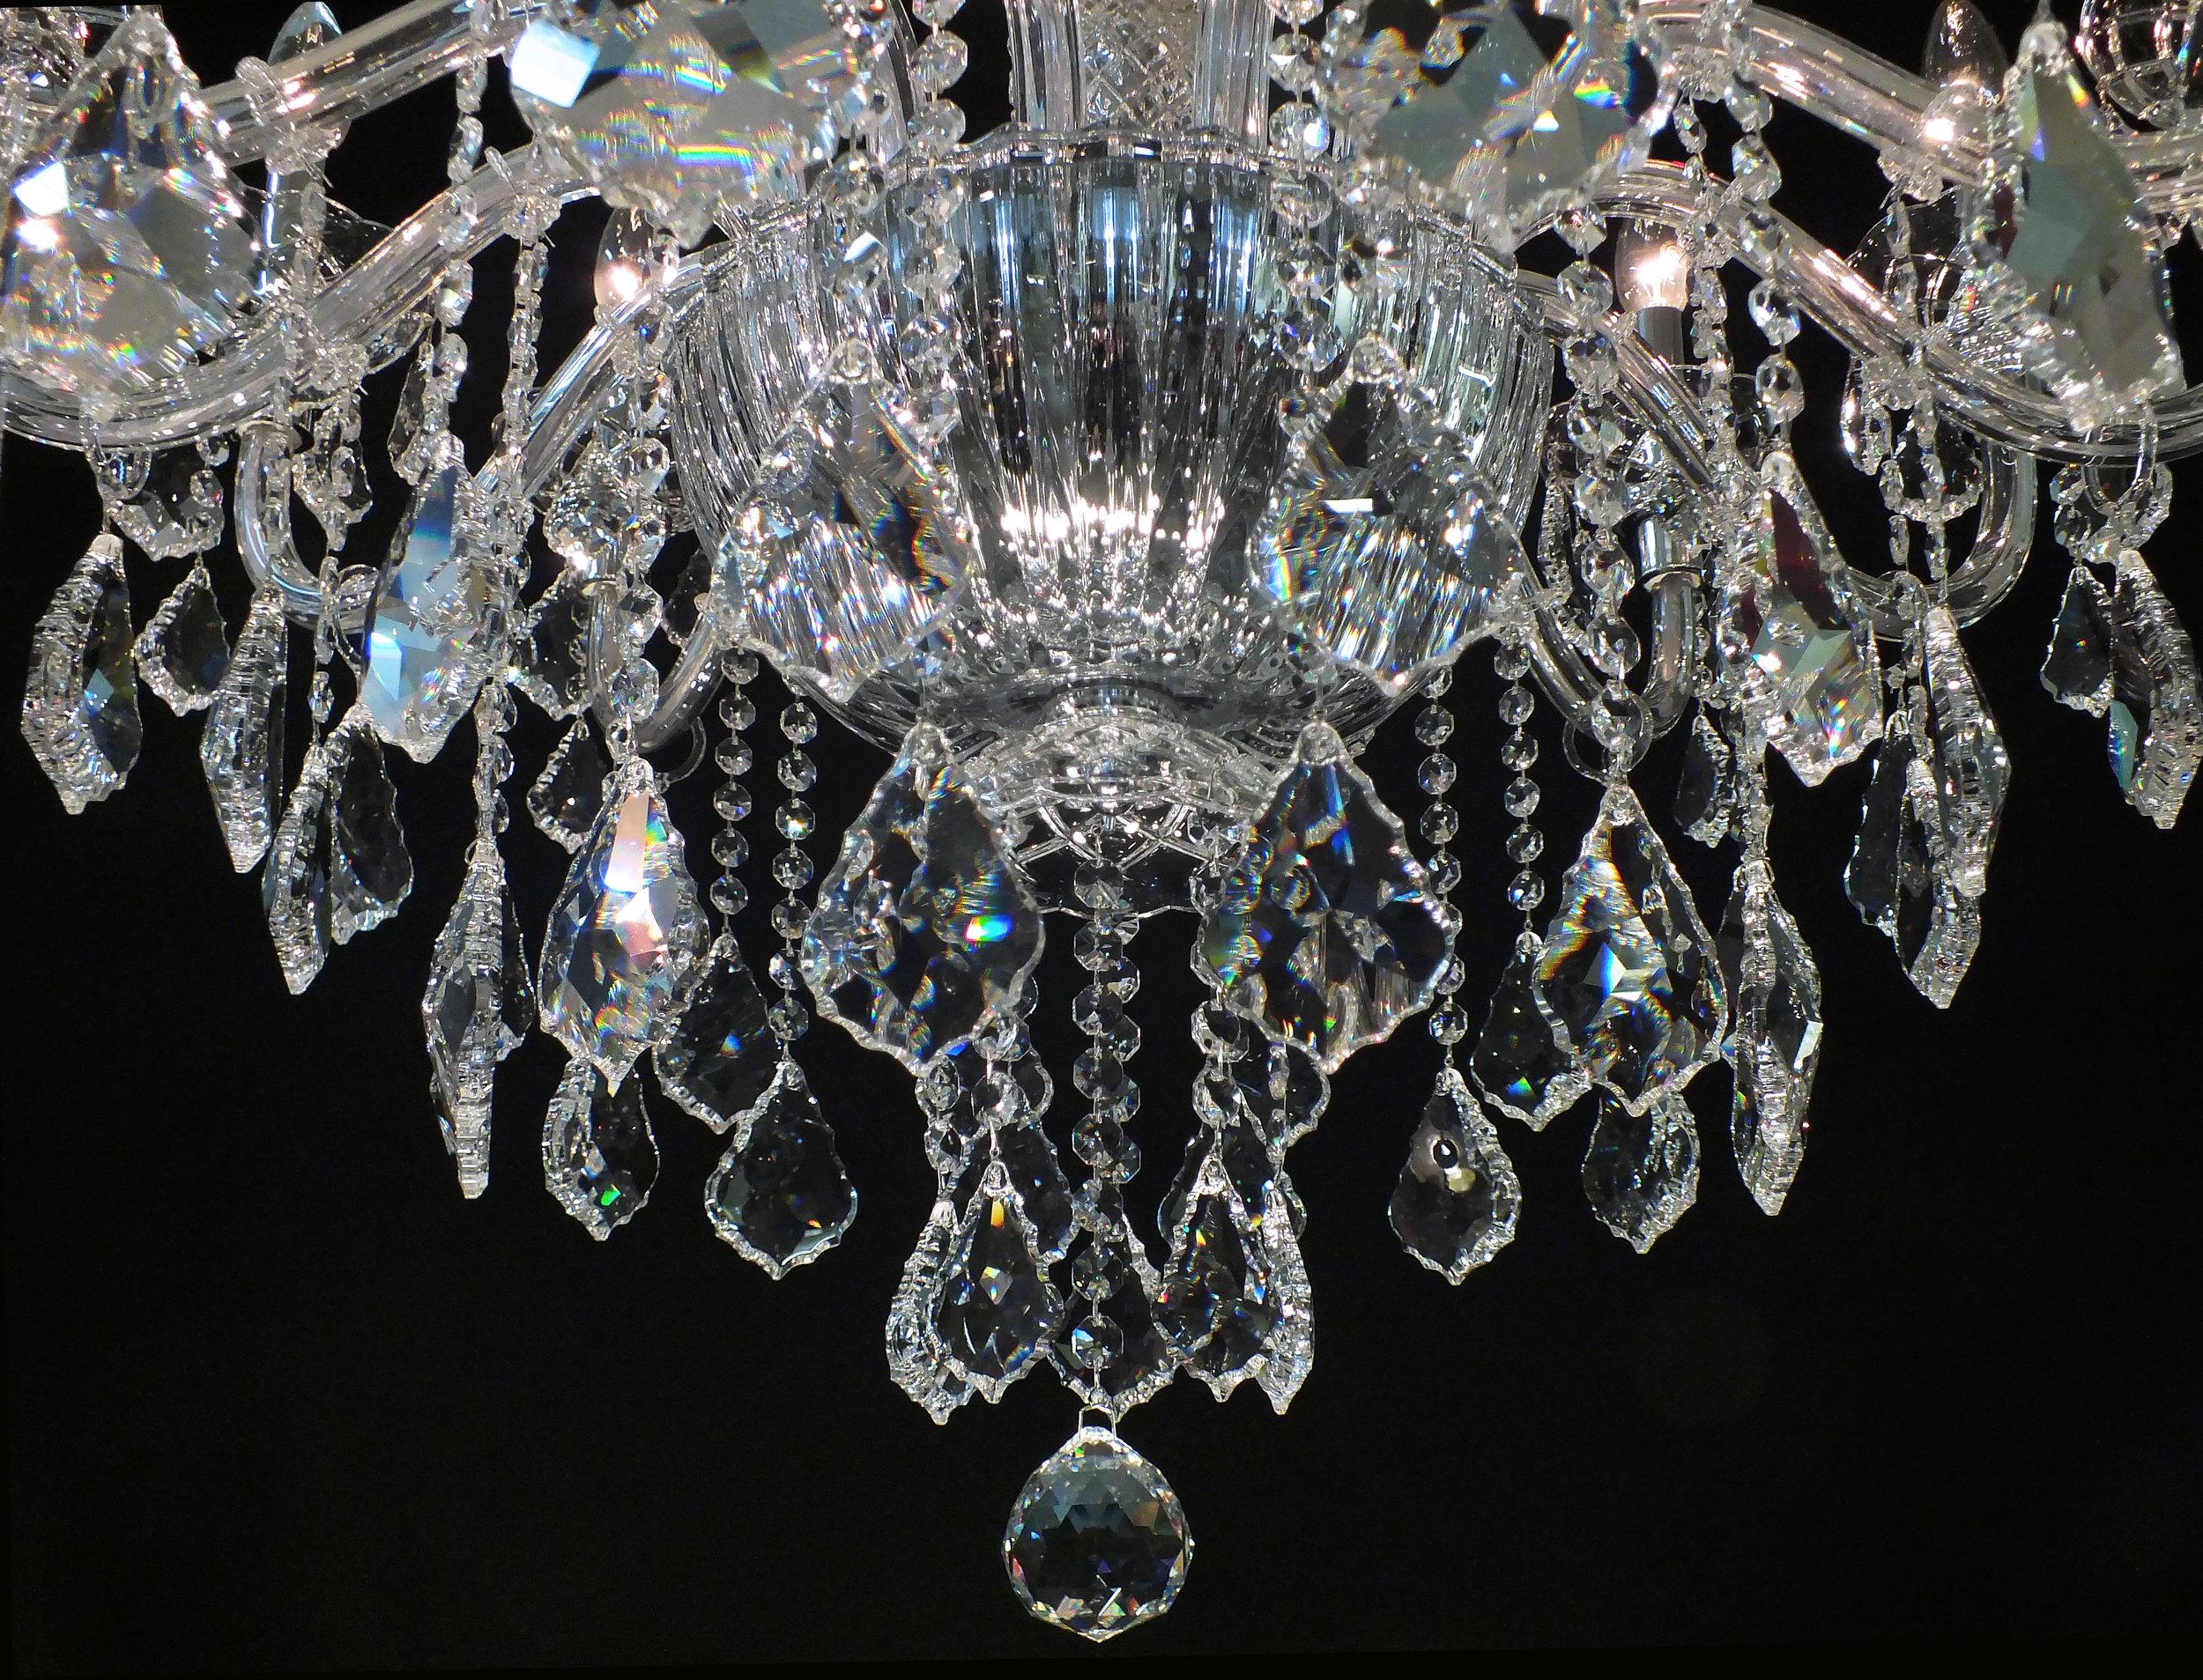 Foto de detalhe do bojo em cristal Bohemia (República Tcheca) no lustre Córdoba 14 braços.